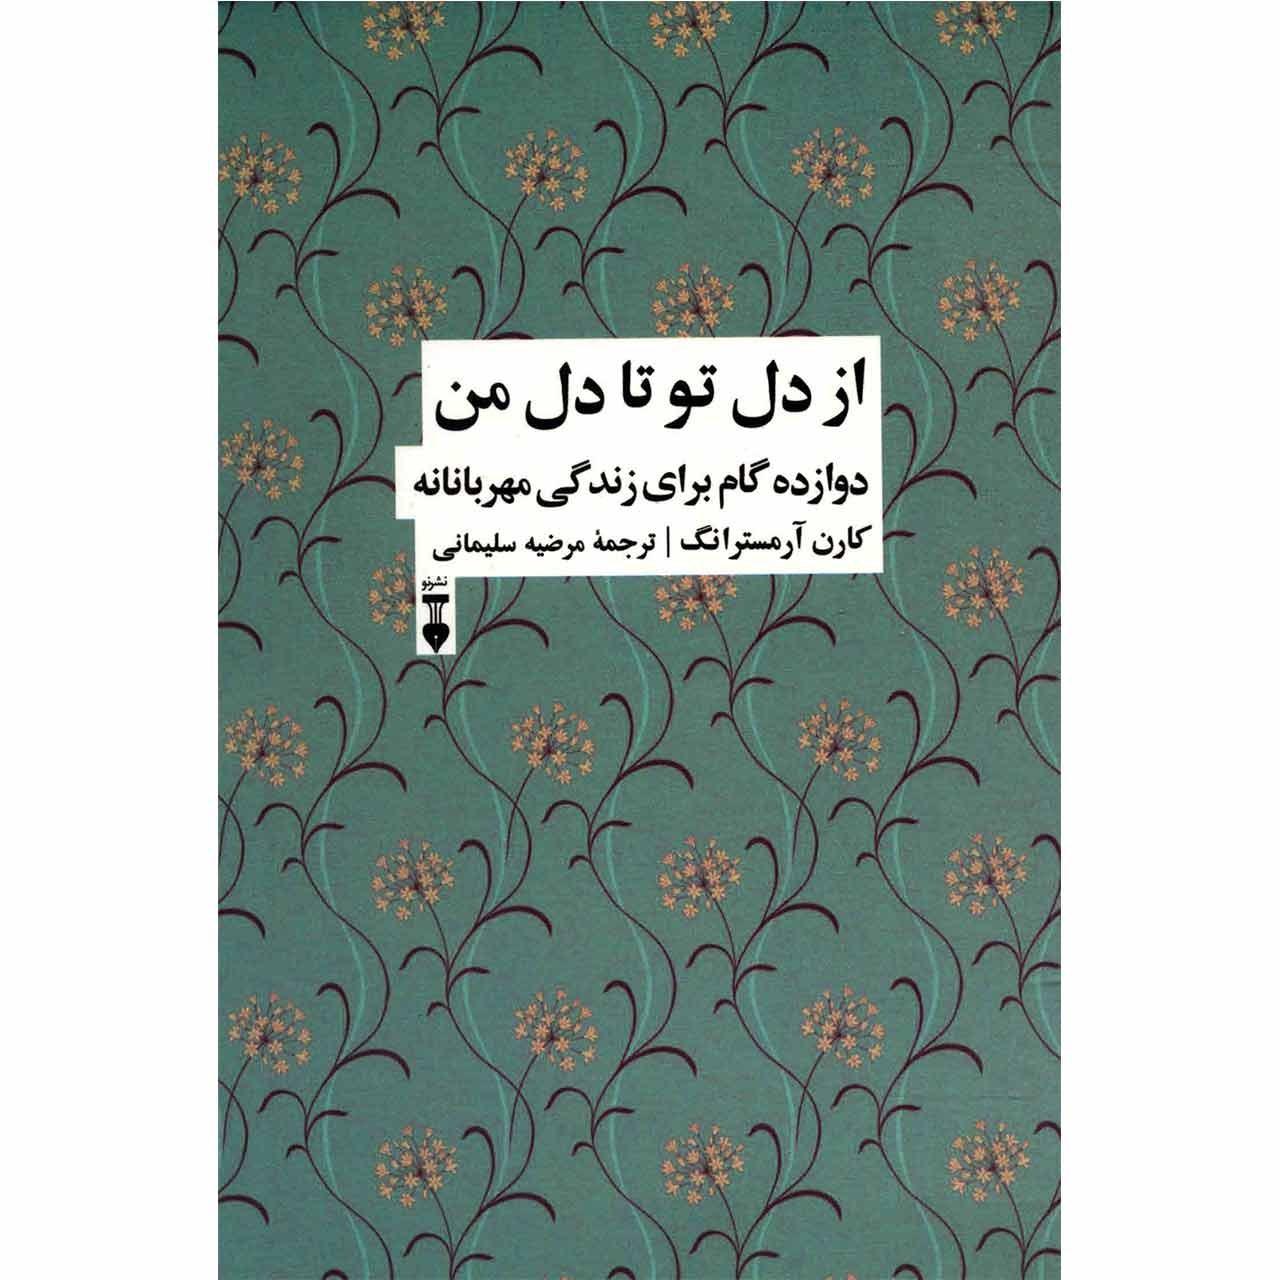 کتاب از دل تو تا دل من اثر کارن آرمسترانگ